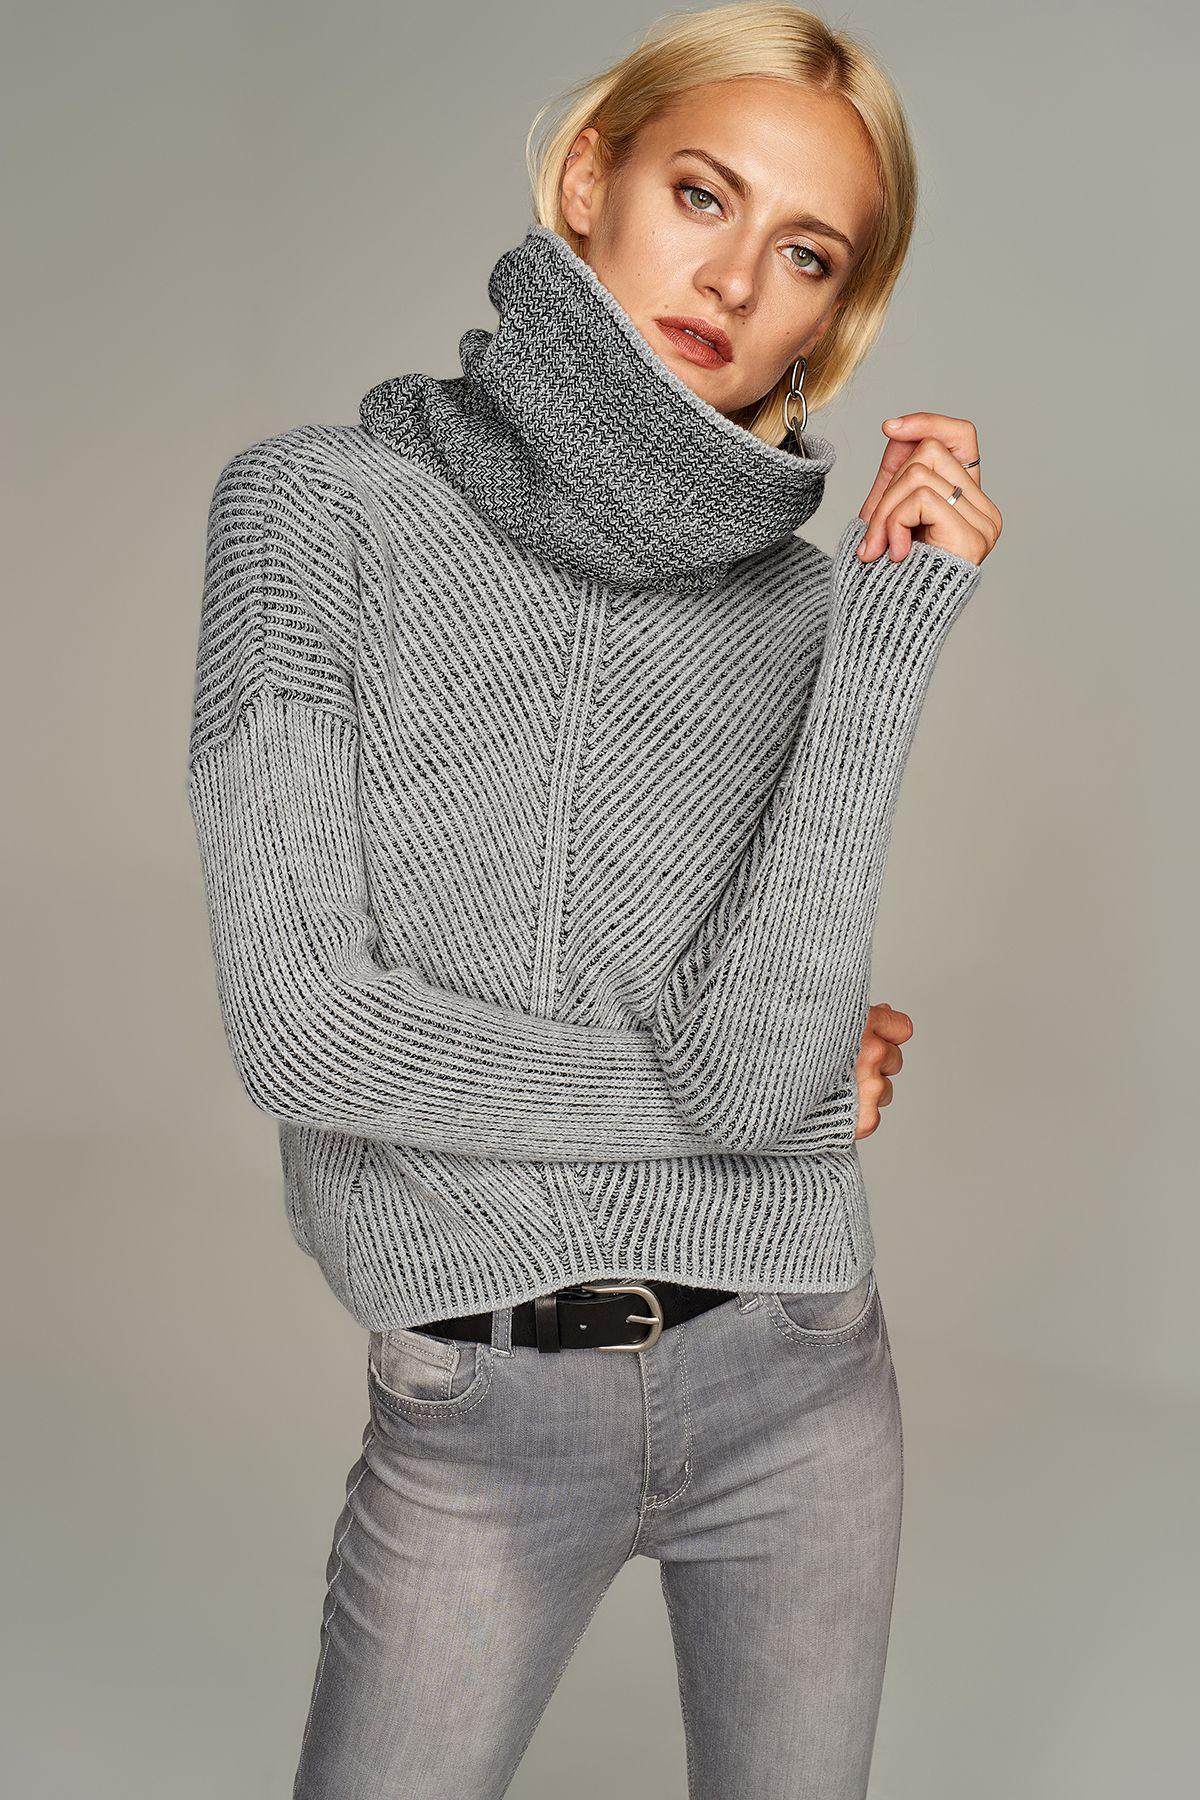 Antrasit Bogazli Kadin Kazak Trendyolmilla Trendyol Moda Stilleri Trendler Kadin